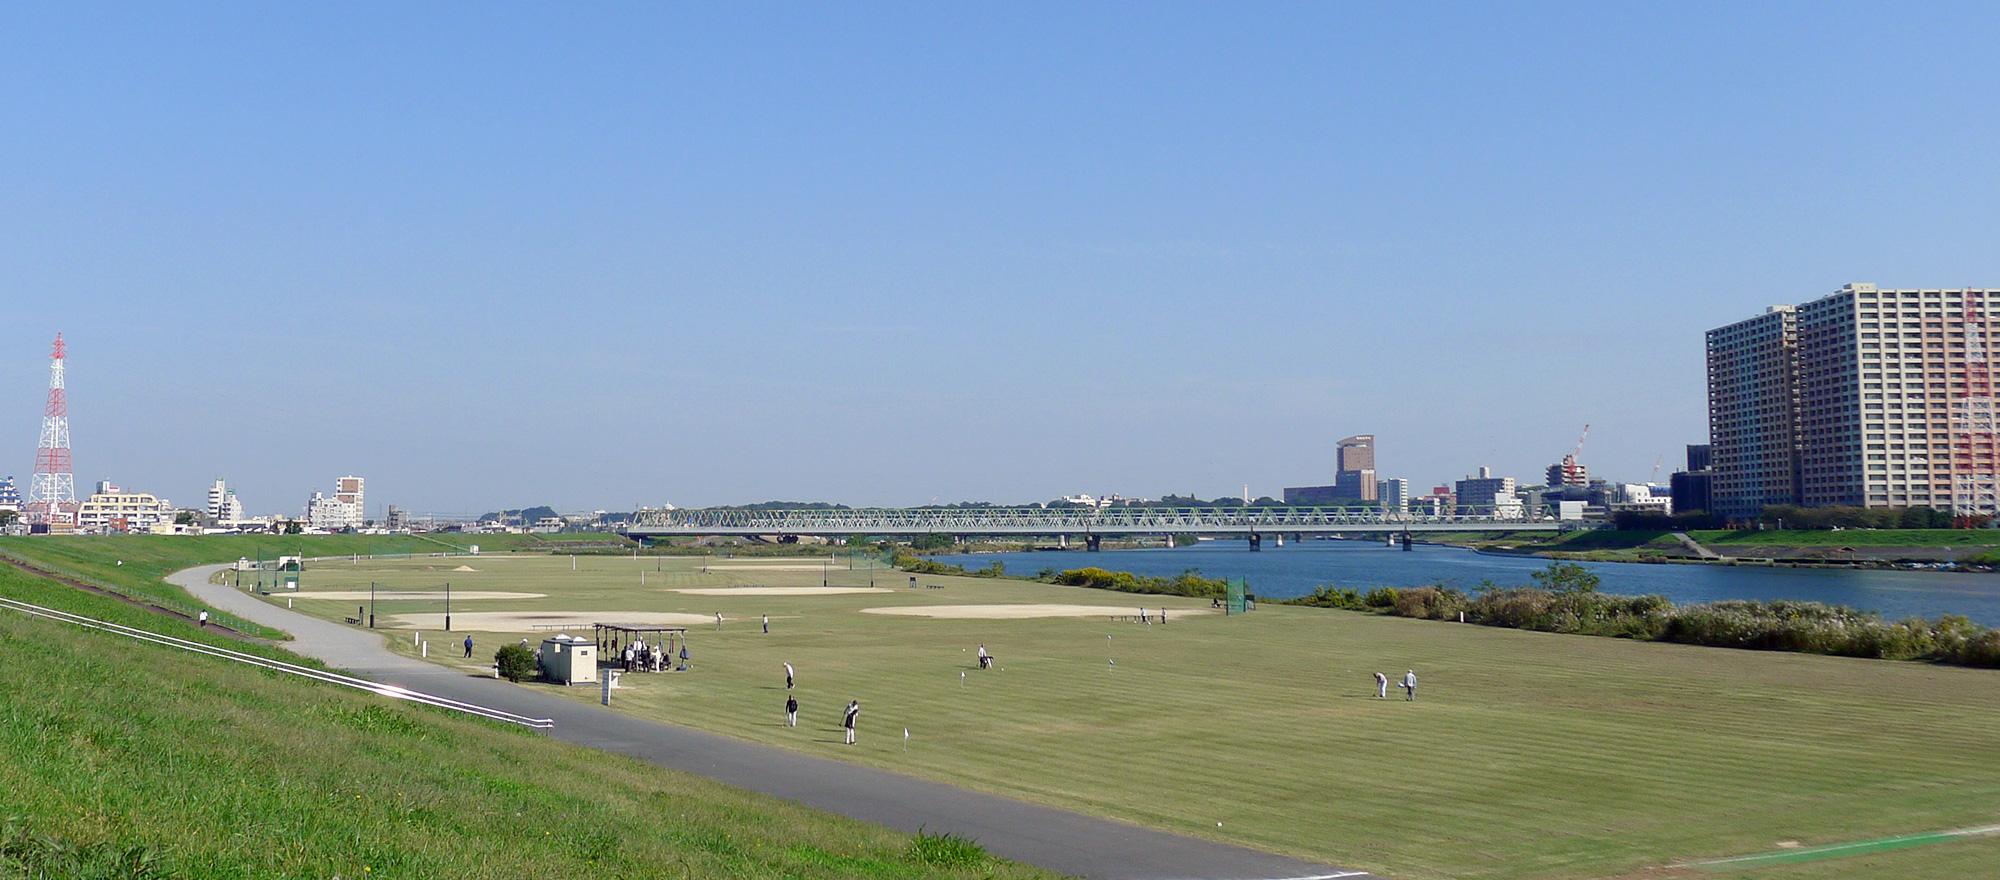 画像 江戸川河川敷の風景